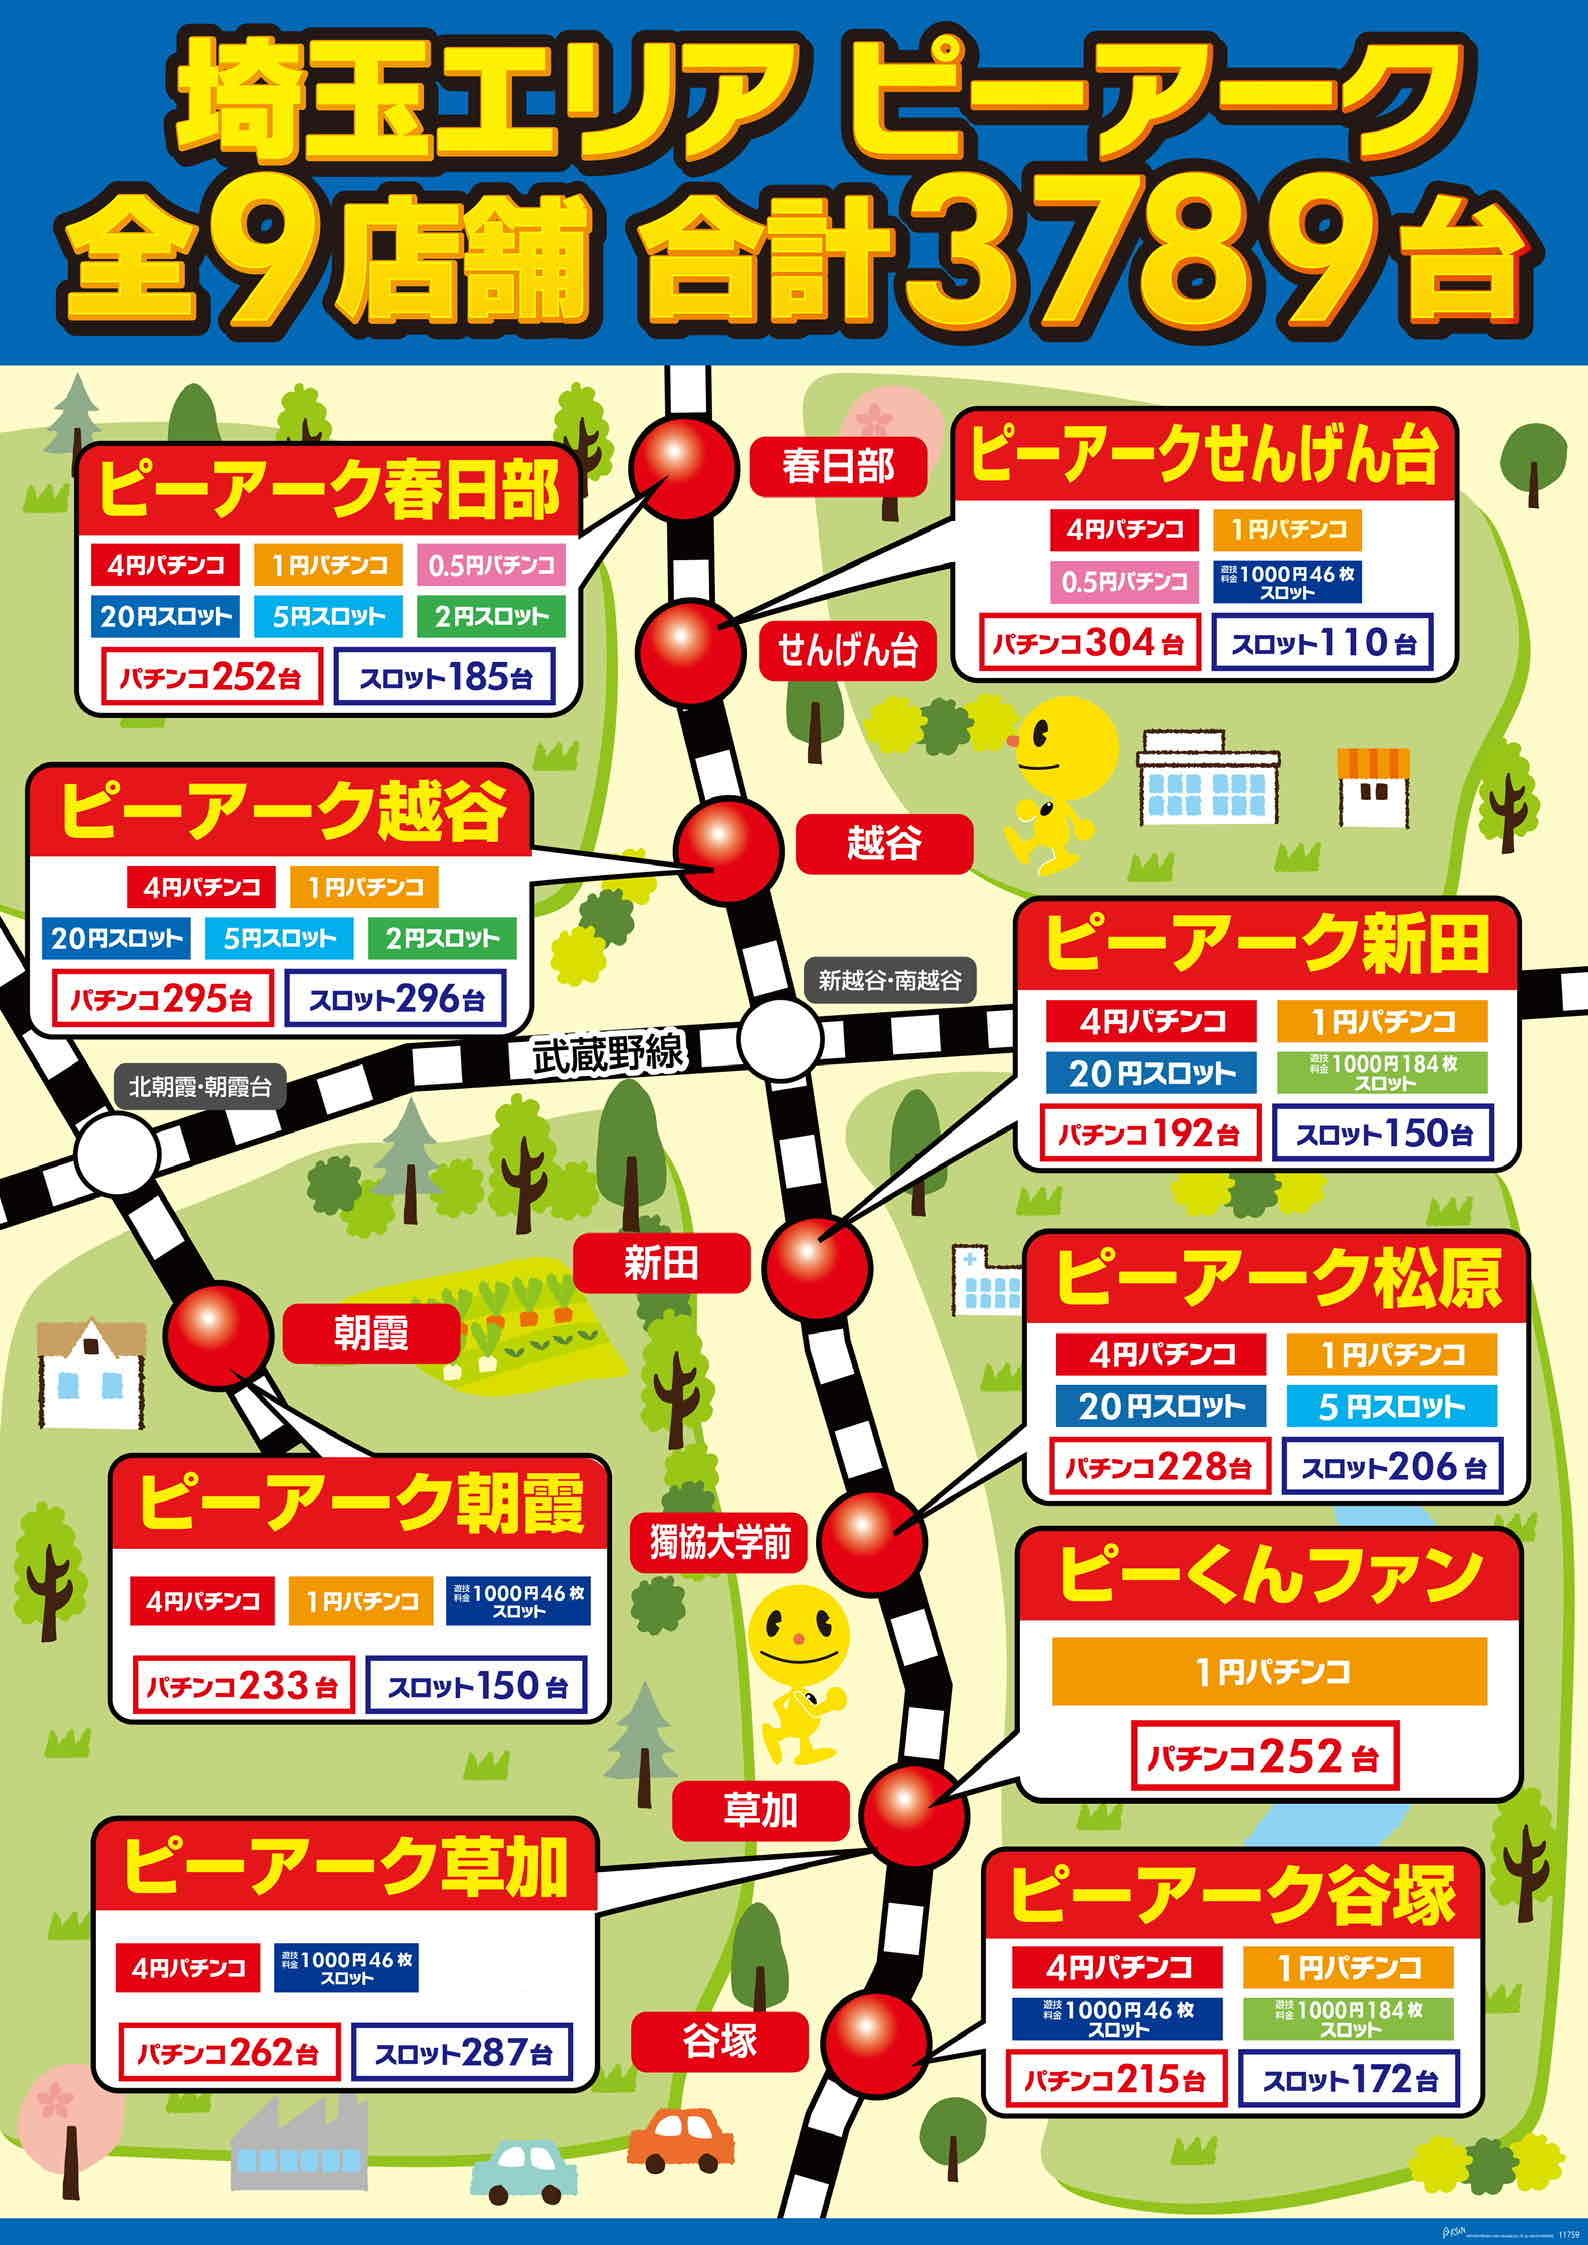 埼玉エリア全9店舗